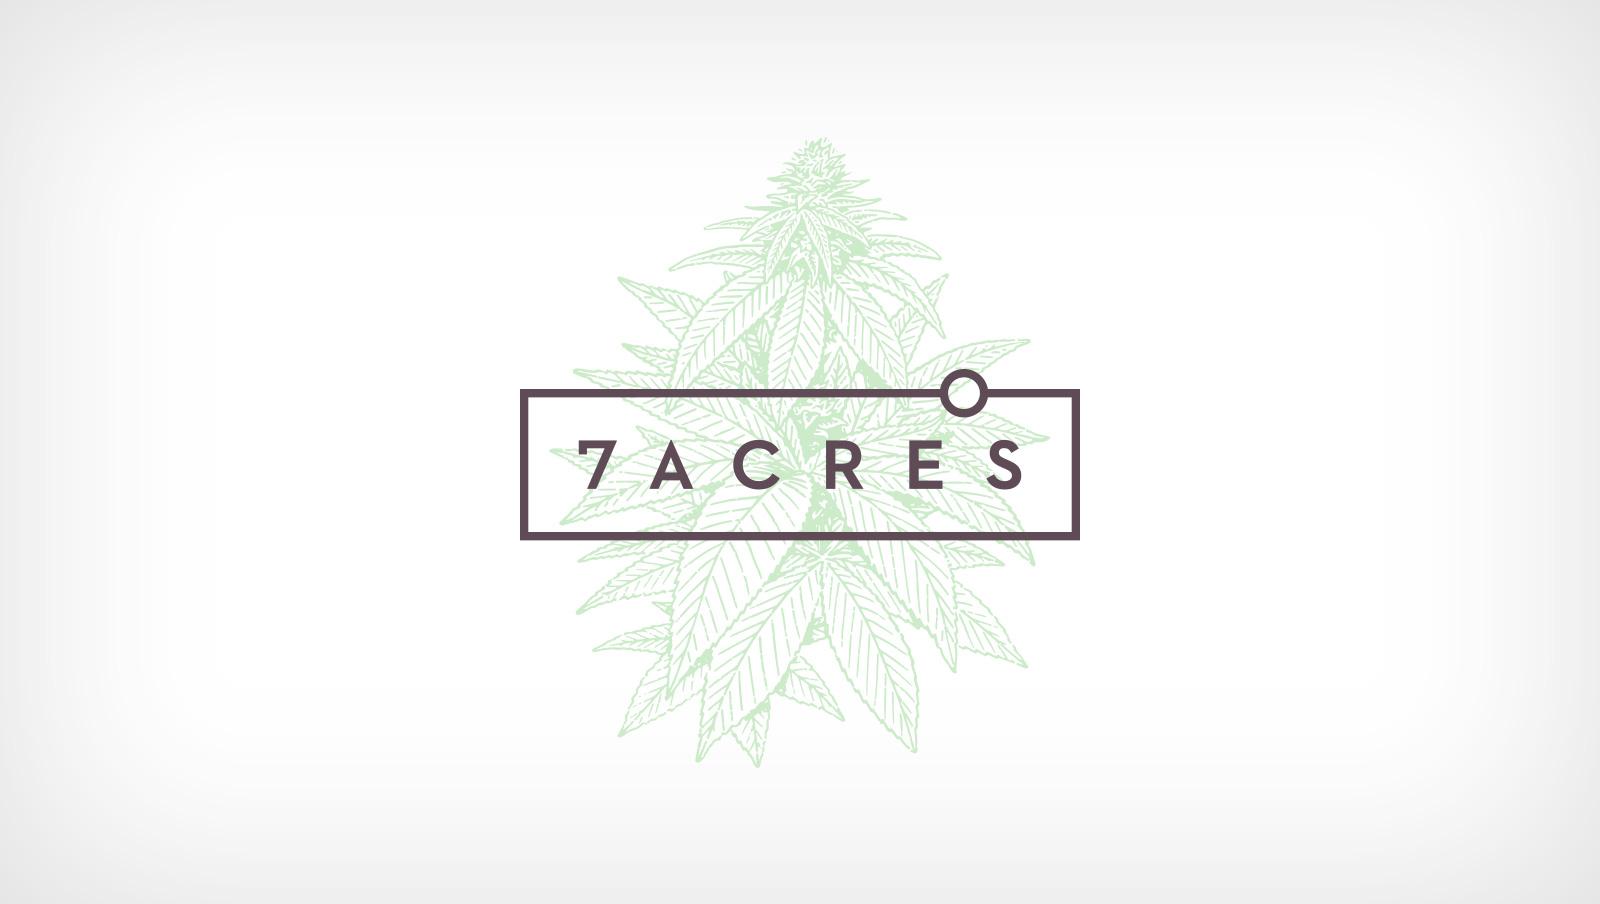 7acres 2